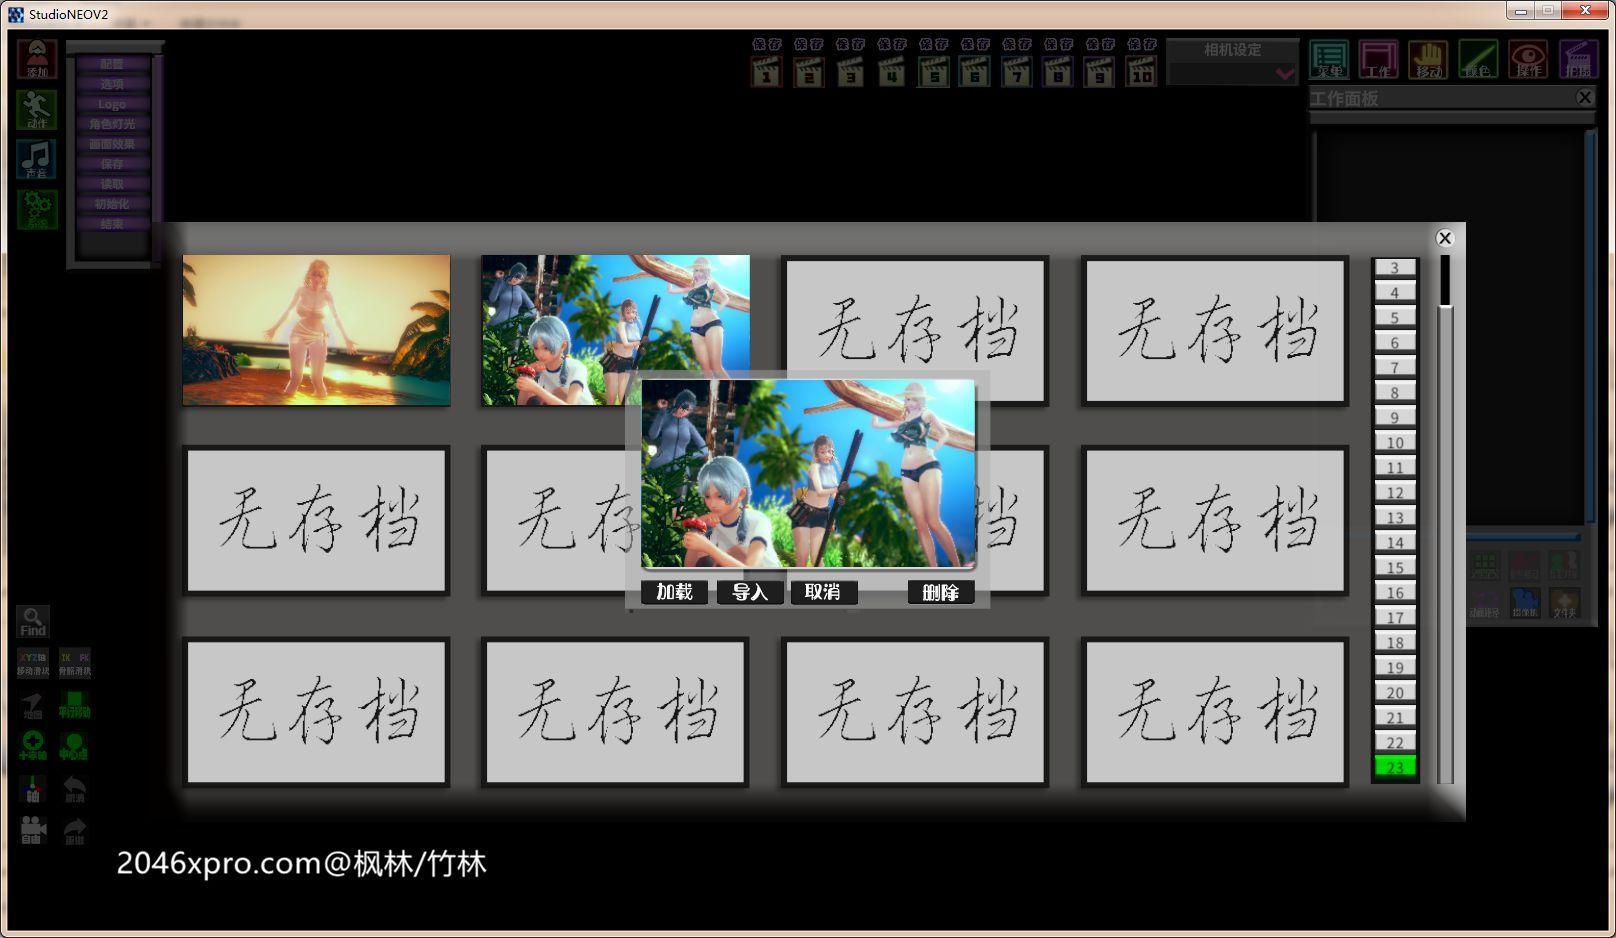 【3D中文/新整合】AI少女:璇玑公主整合新春中文版!工作室汉化+商店2.0+新MOD【17G】